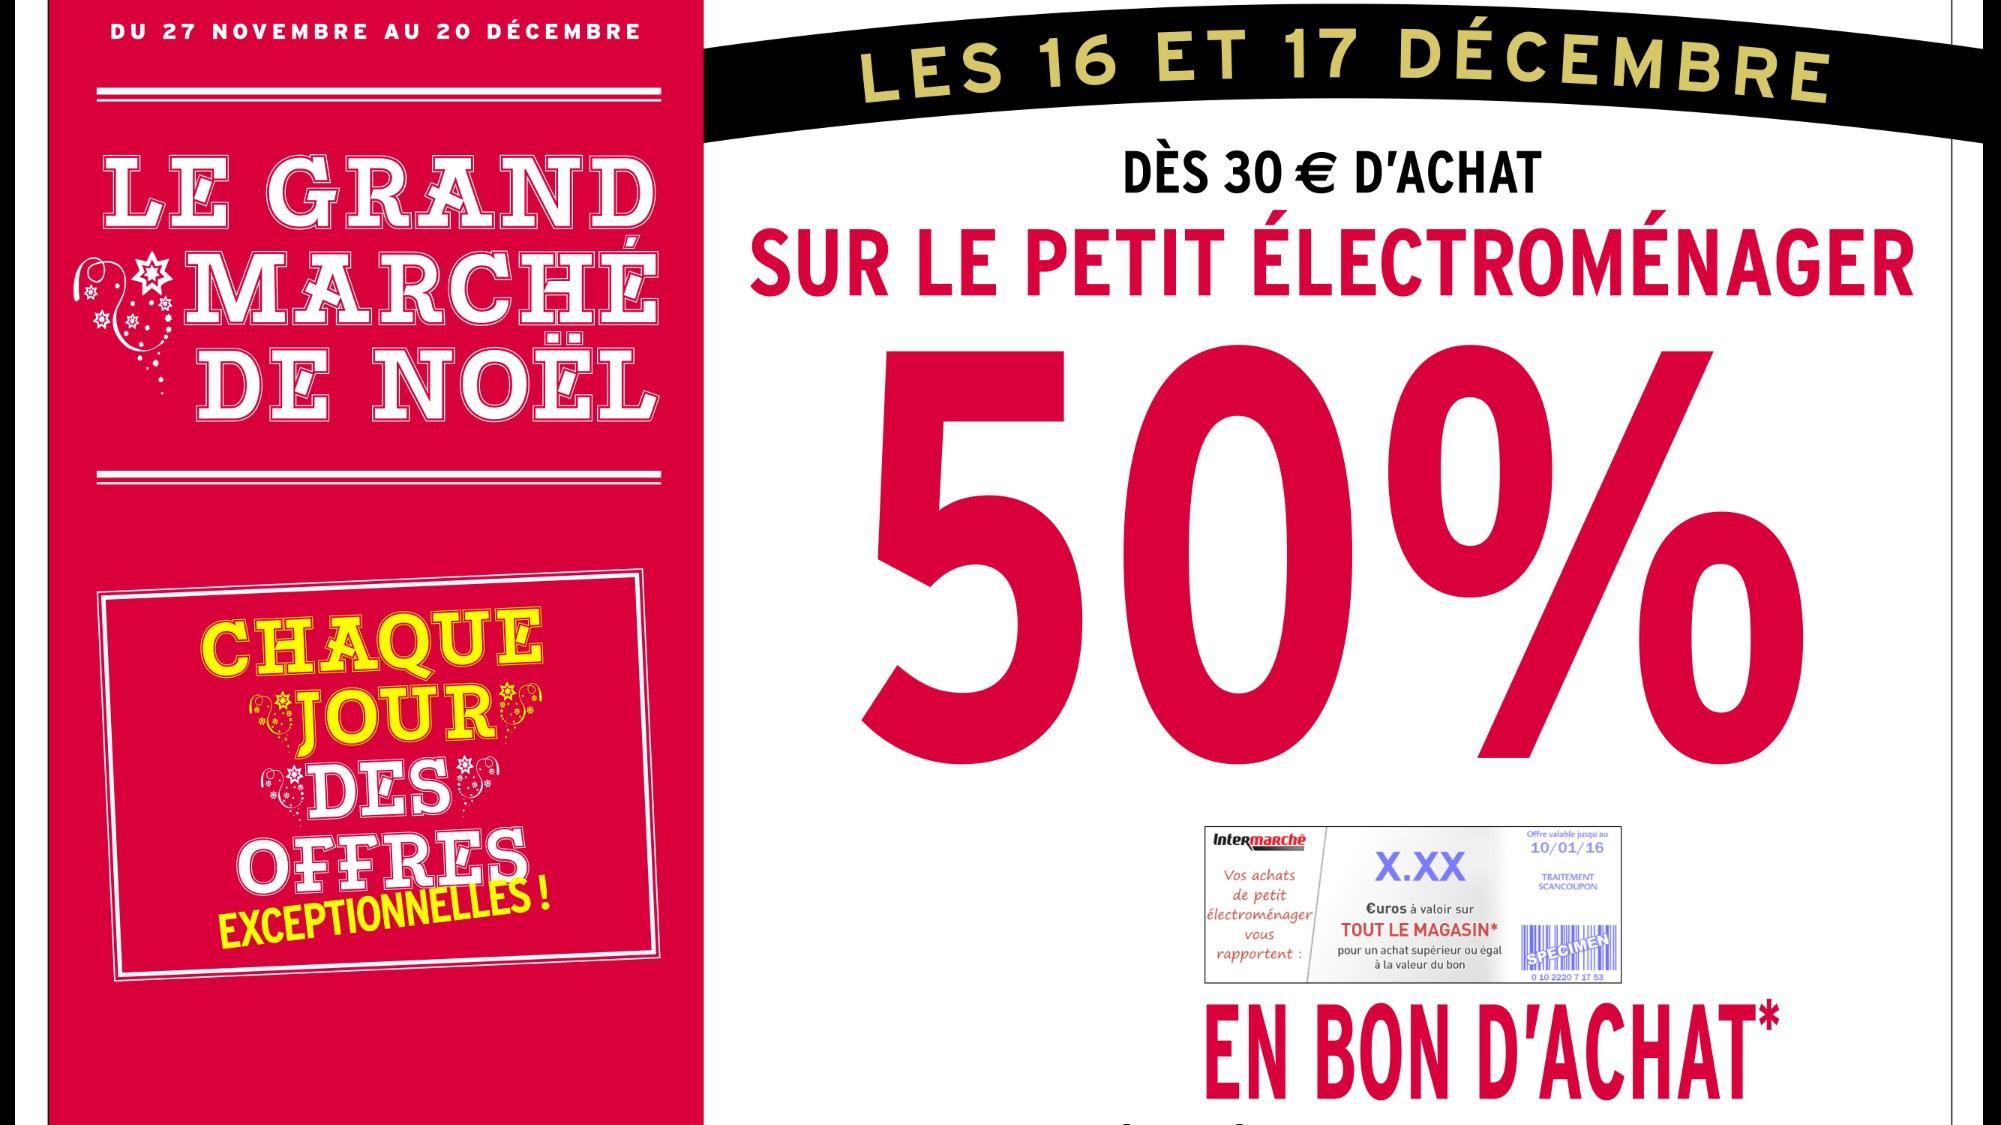 50% en bon d'achat dès 30€ d'achat sur le Petit Electroménager